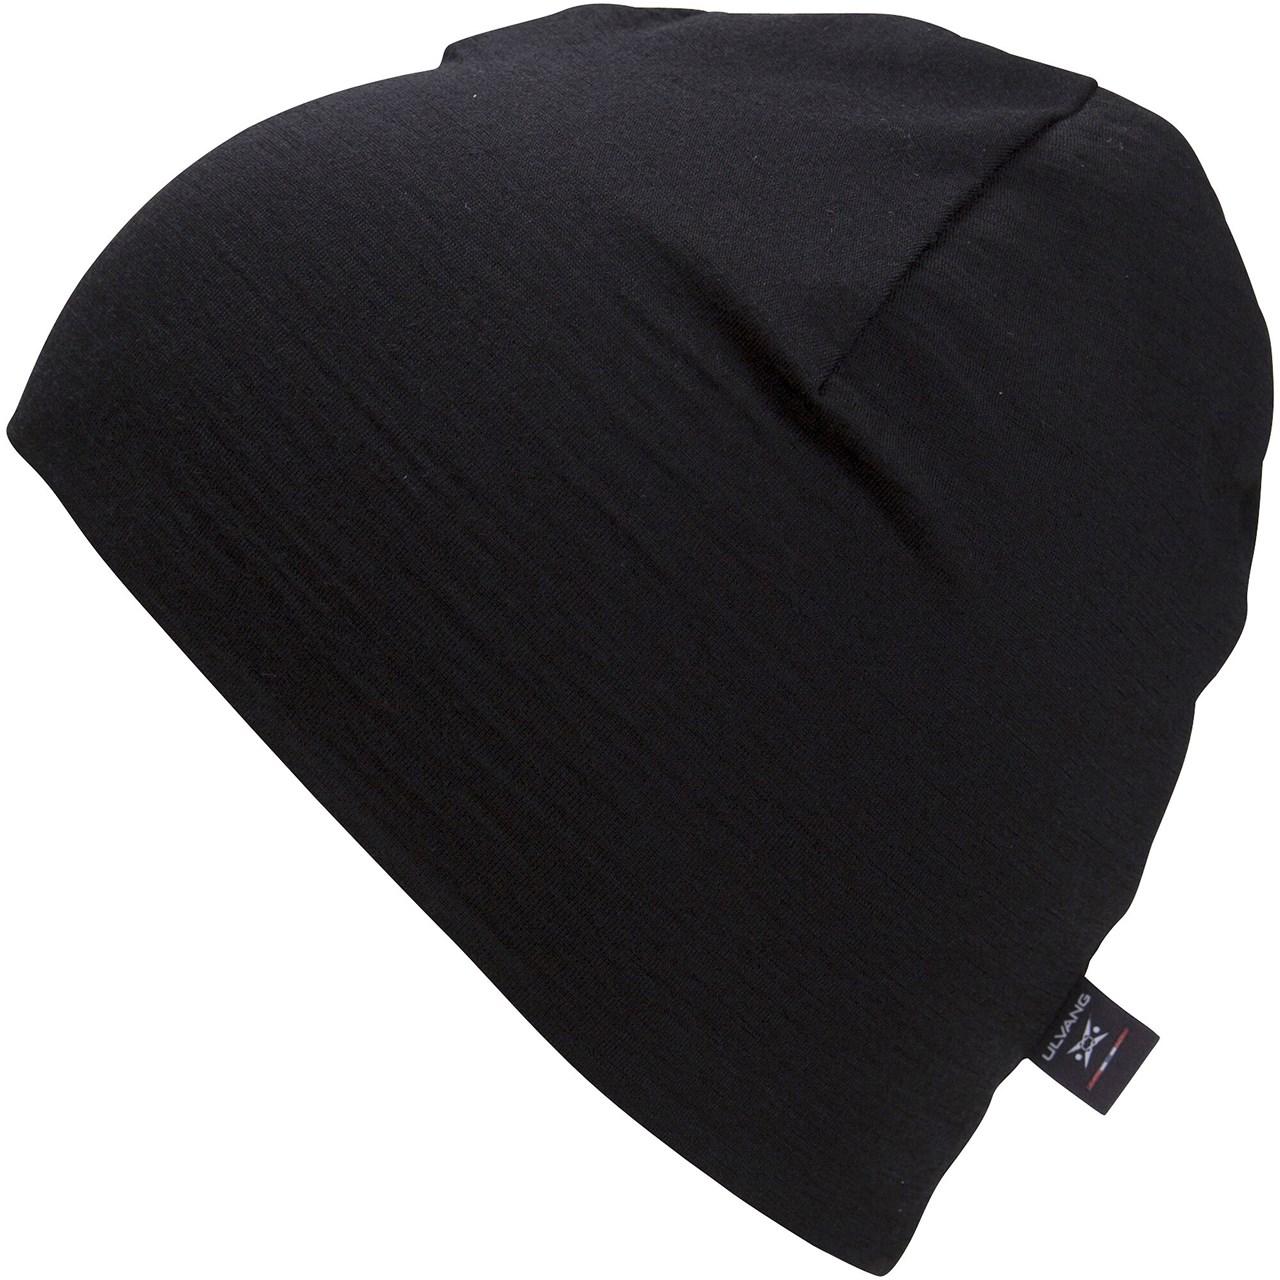 Ulvang Rim light jr hat black